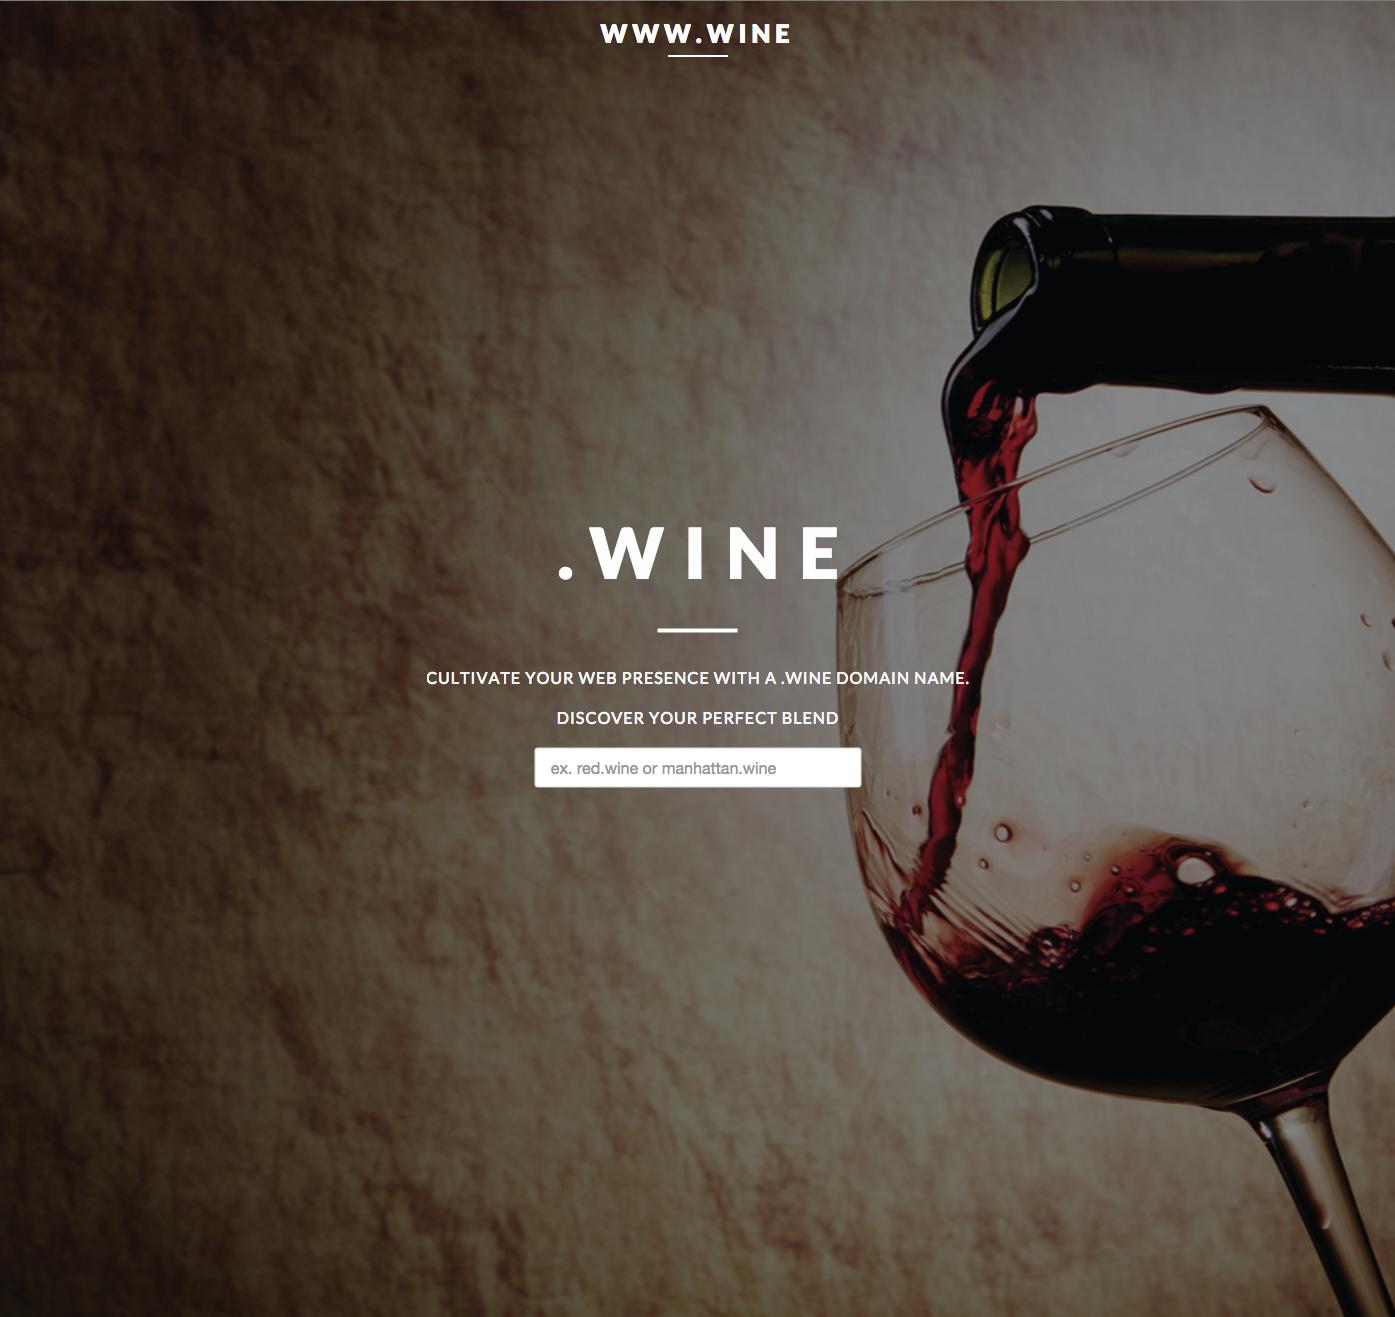 www.wine Website